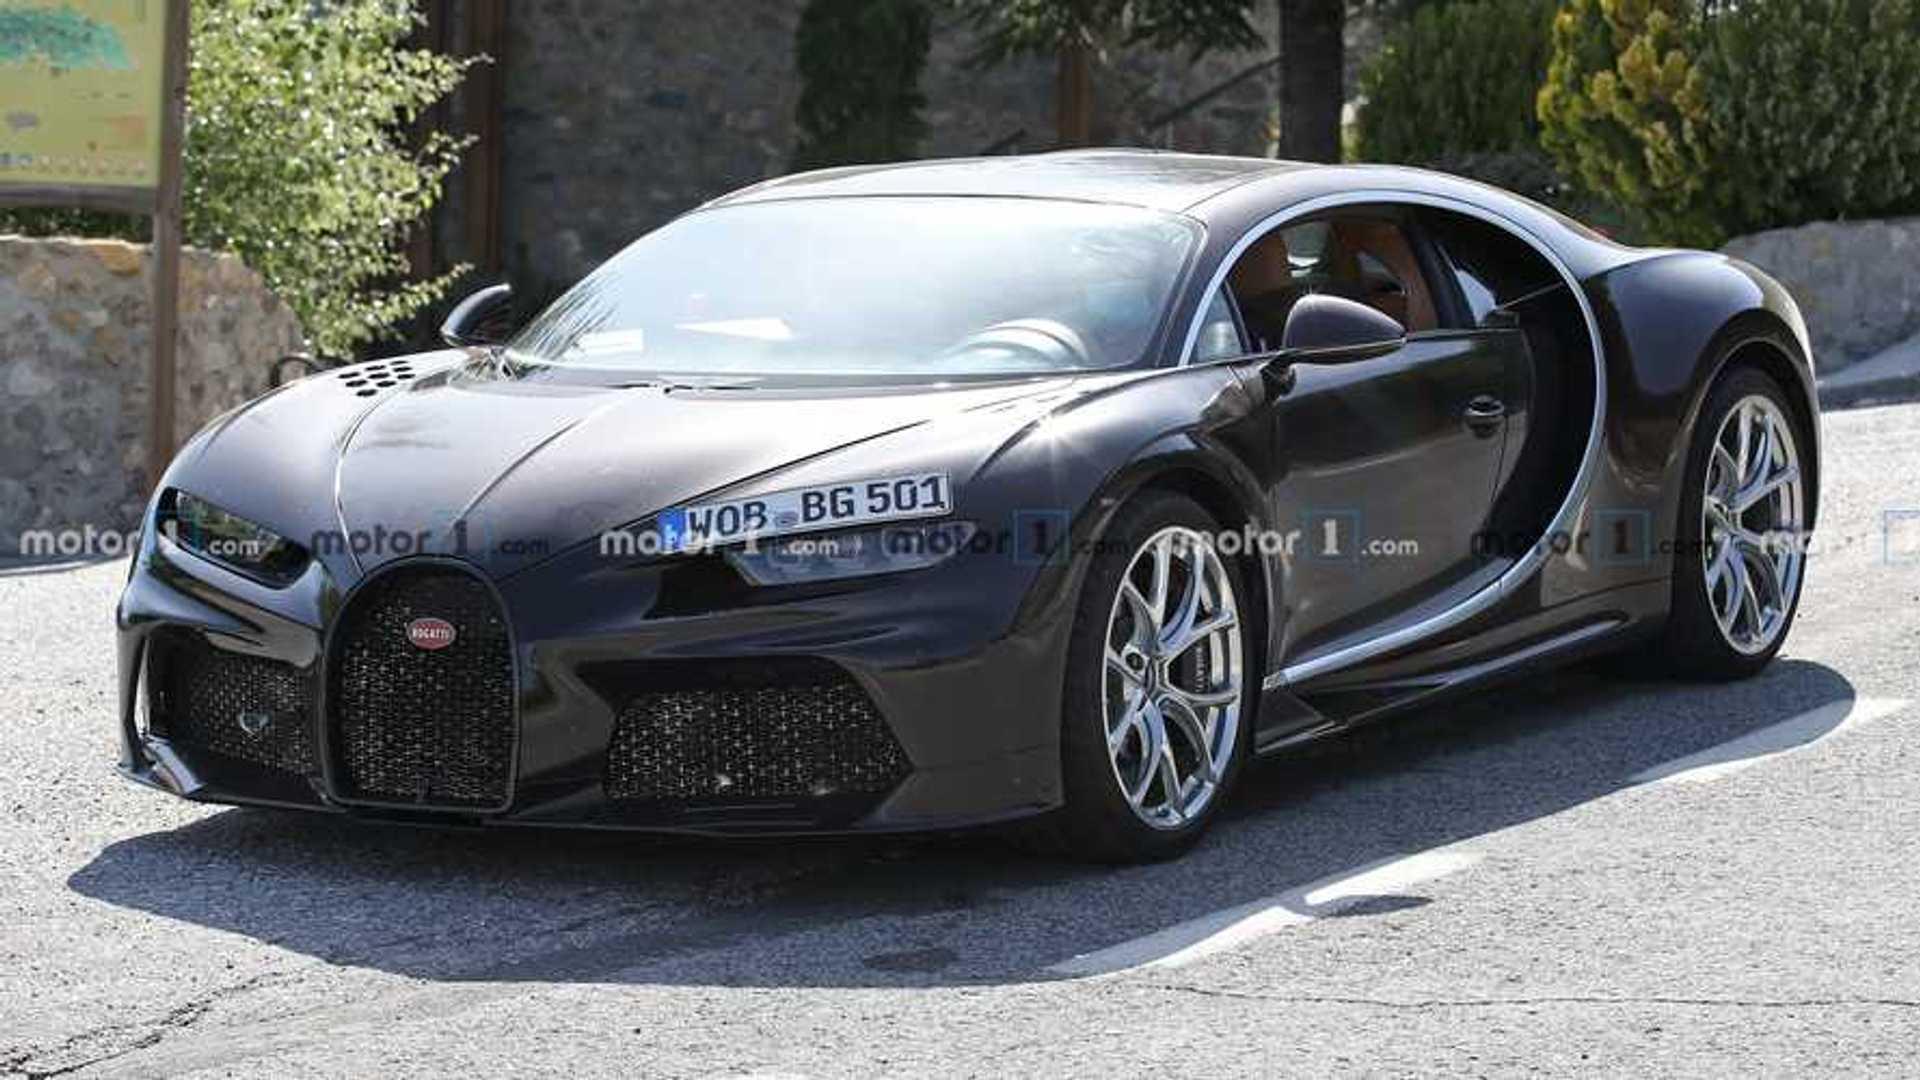 2016 - [Bugatti] Chiron  - Page 20 Bugatti-chiron-super-sport-spy-pics